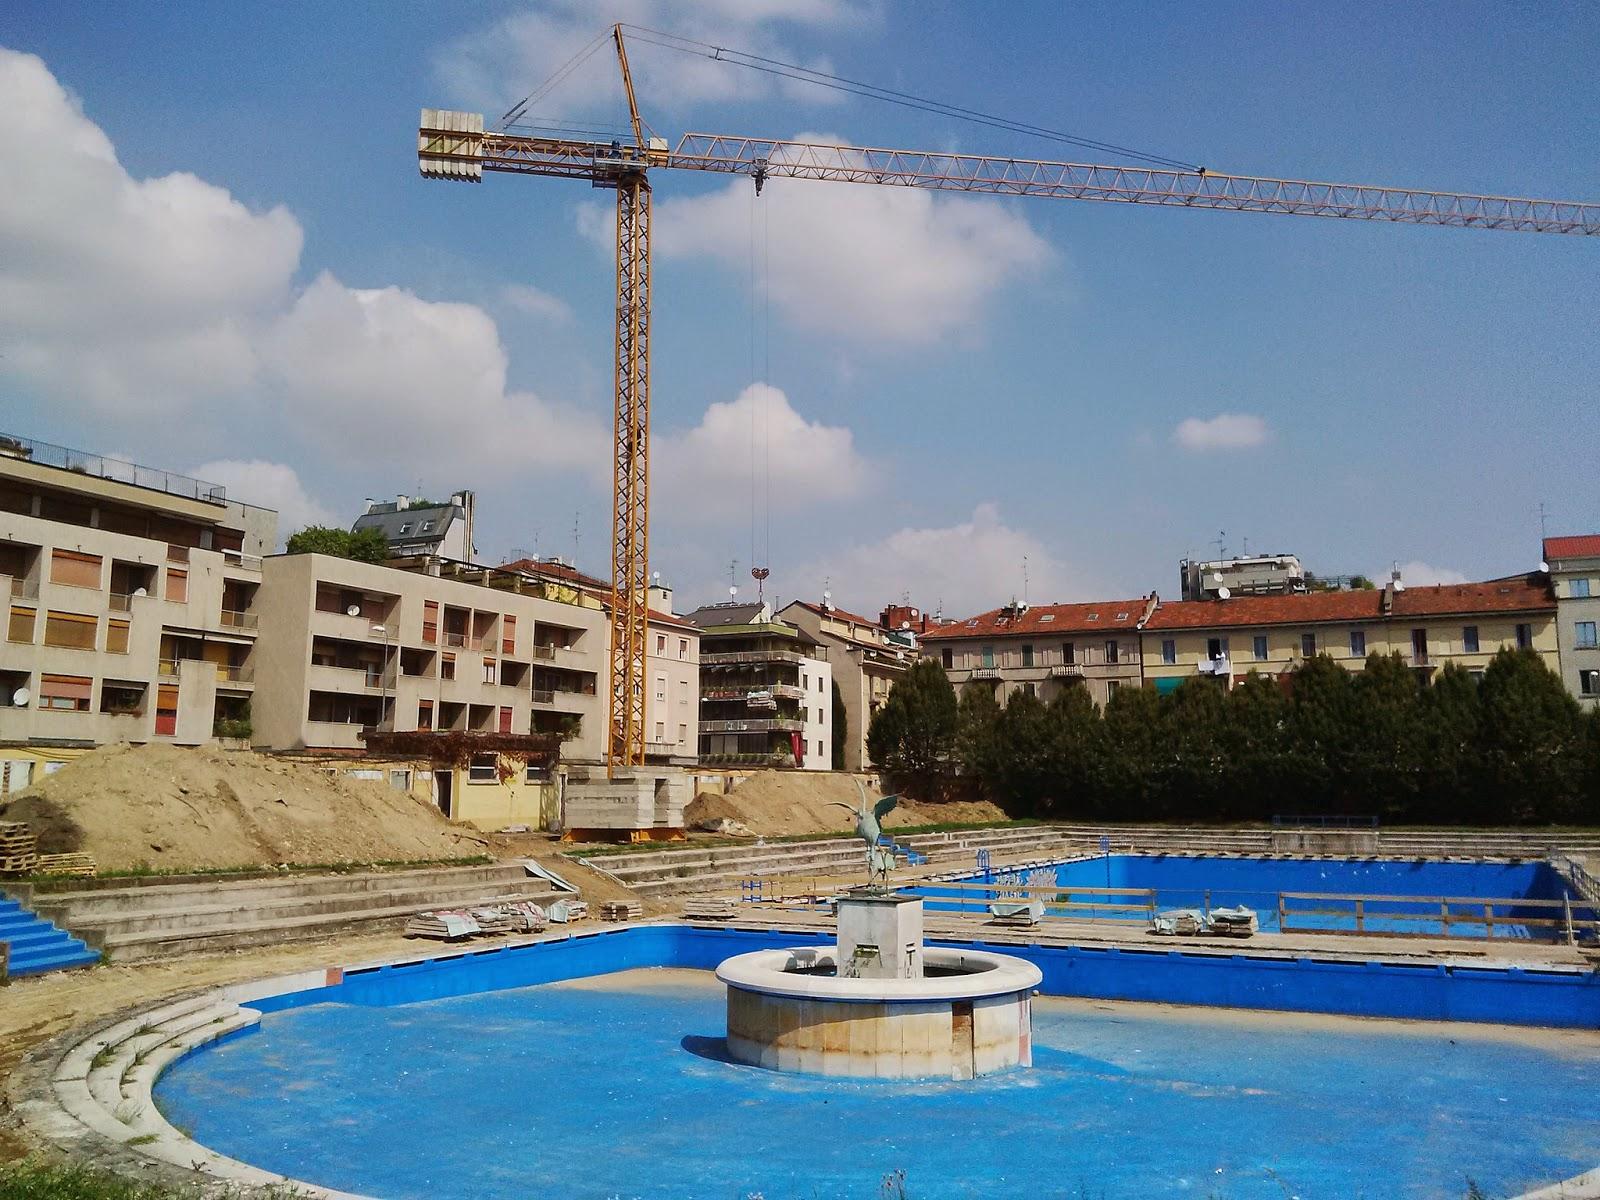 Milano porta romana partiti i lavori alla piscina caimi urbanfile blog - Milano sport piscine ...